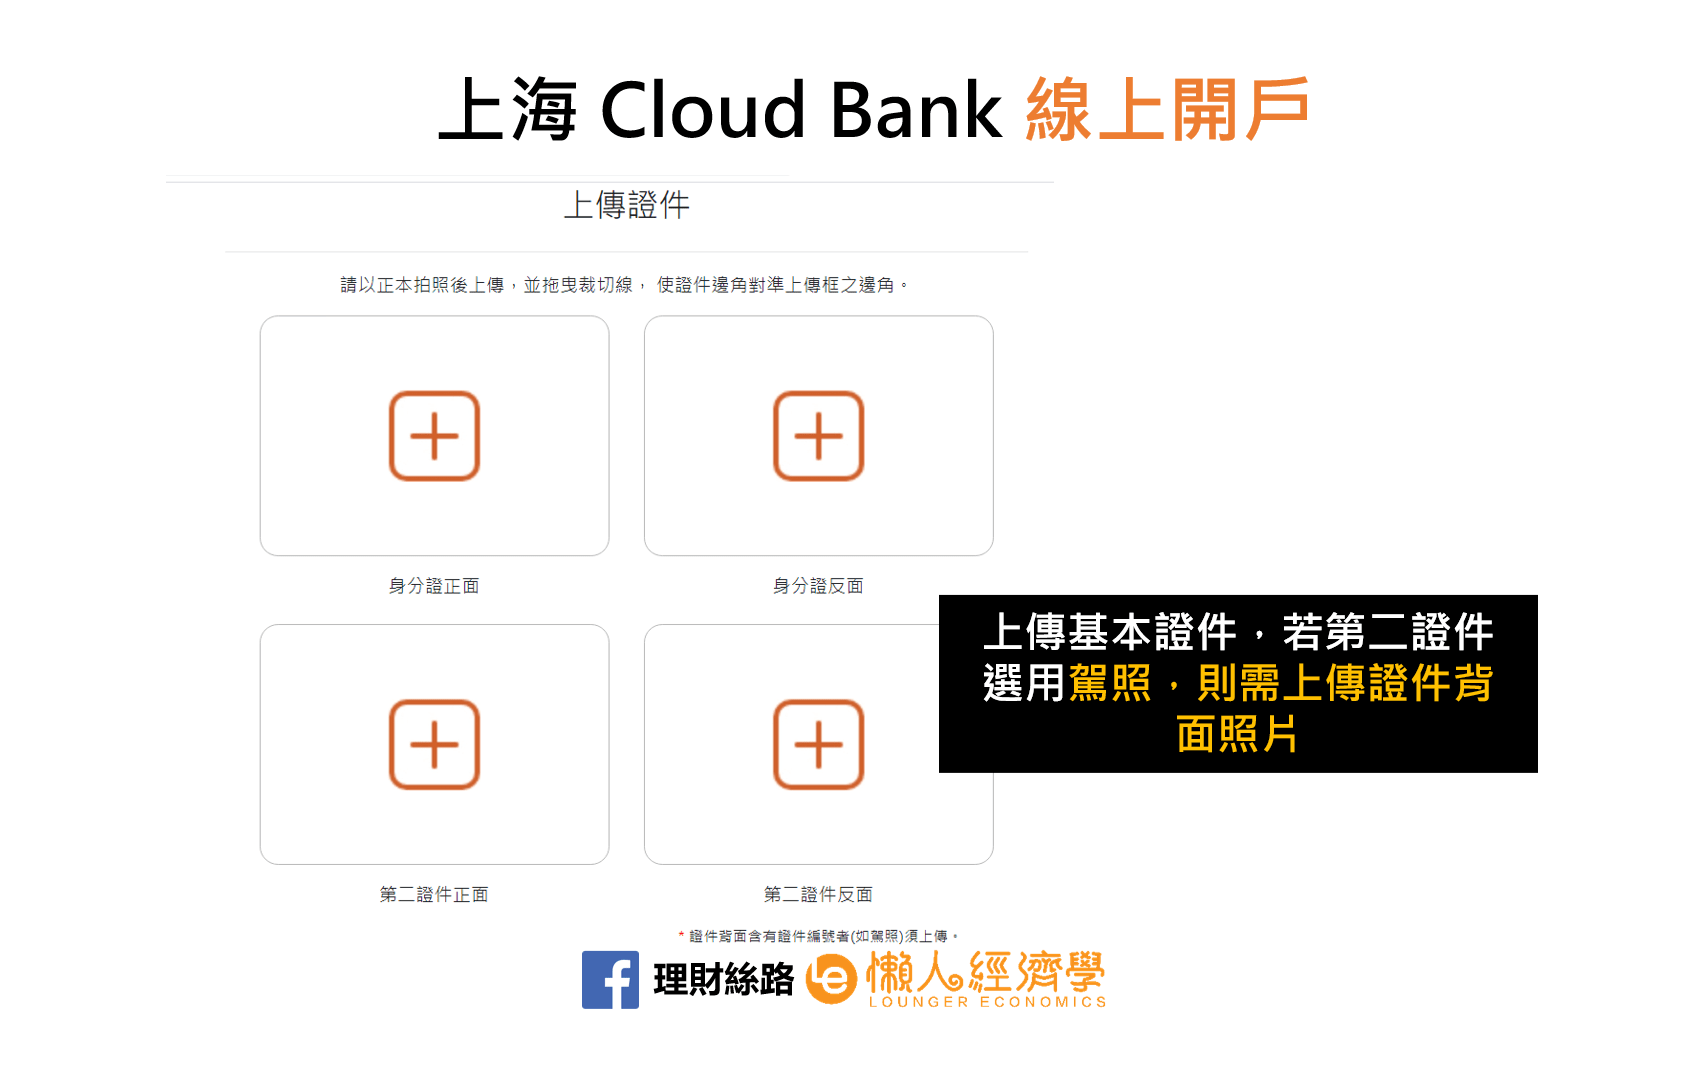 上海Cloud Bank上傳證件